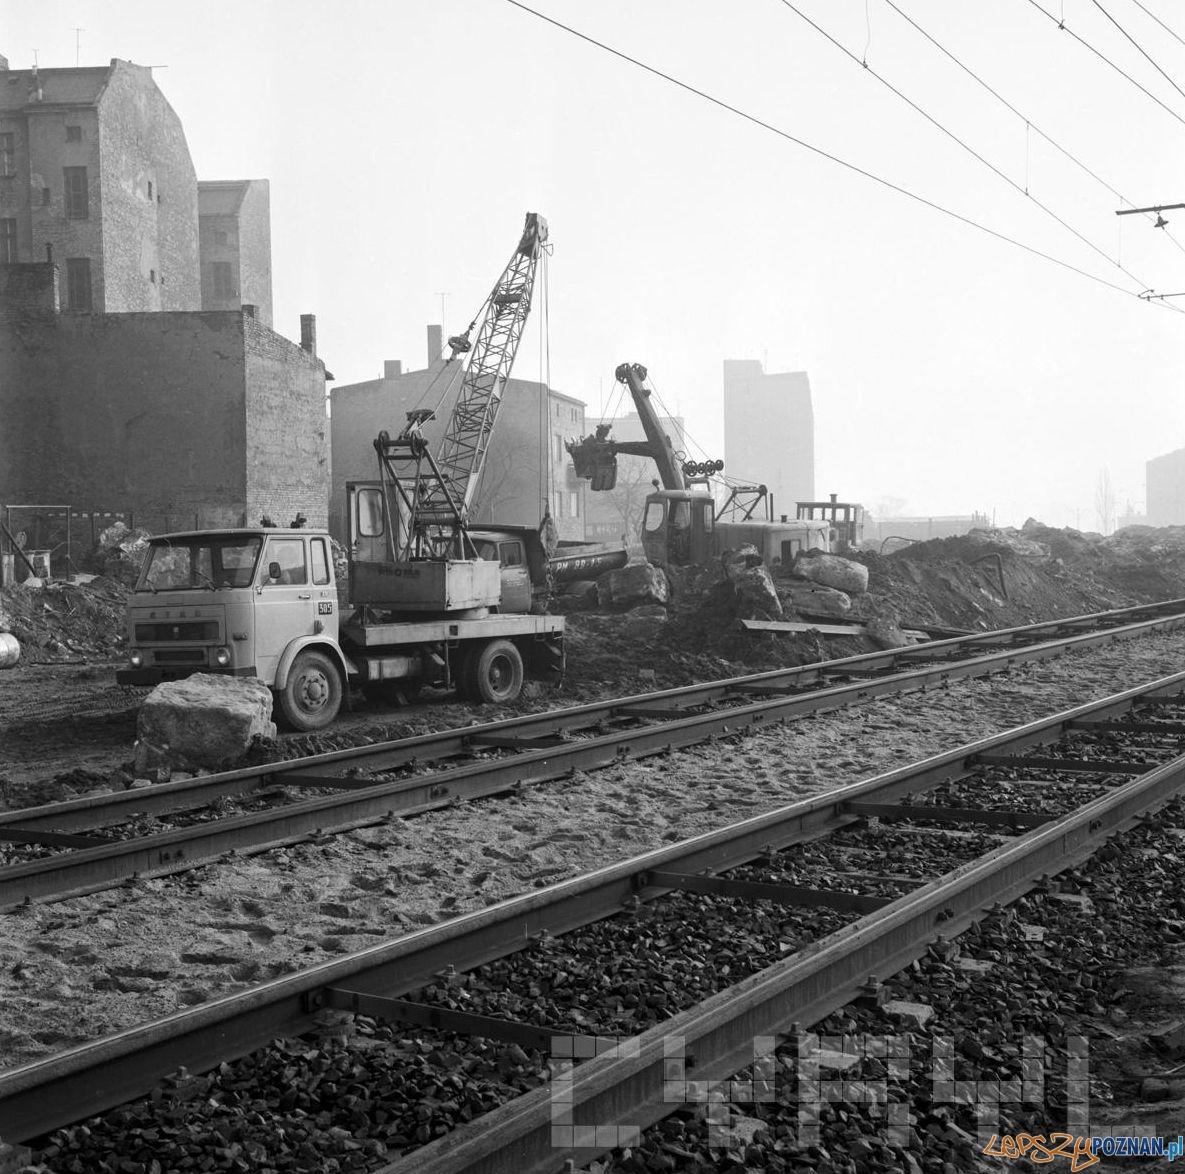 Budowa trasy Hetmańskiej - 1.02.1974  Foto: Stanisław Wiktor / Cyryl